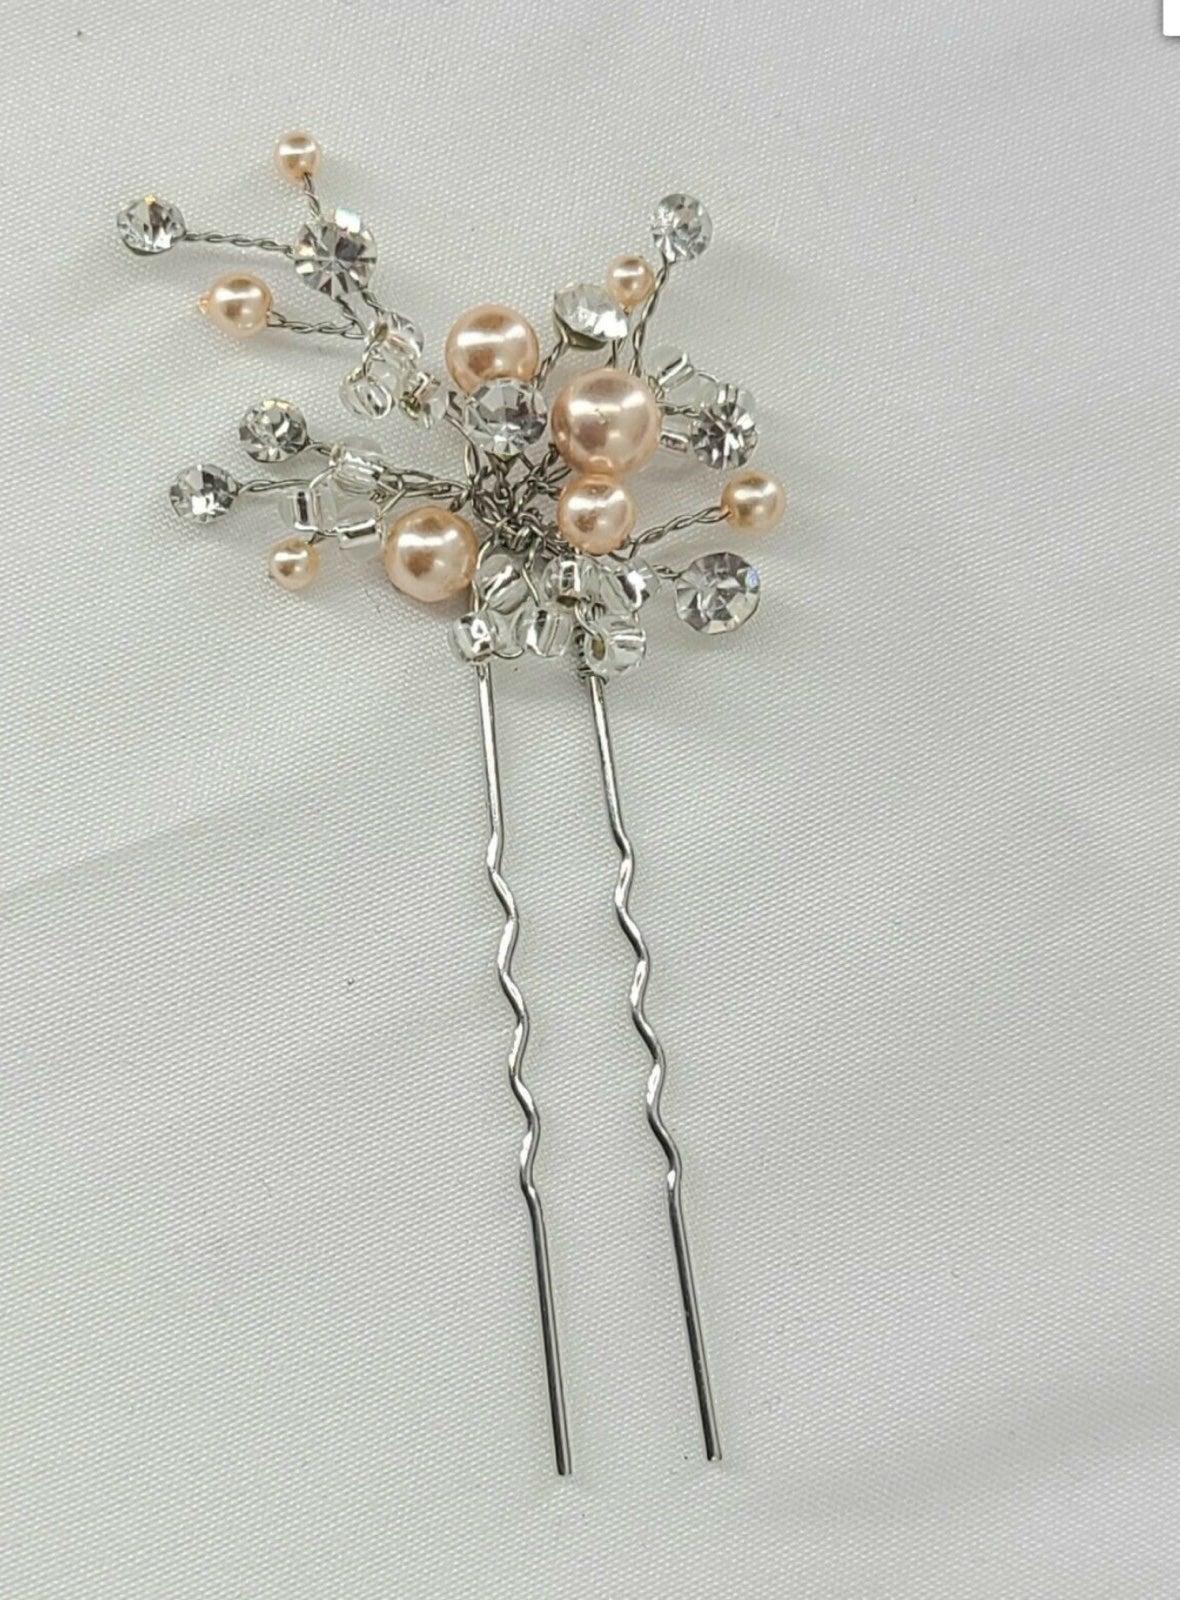 Pink Pearl Clusters & Swarovski Crystals